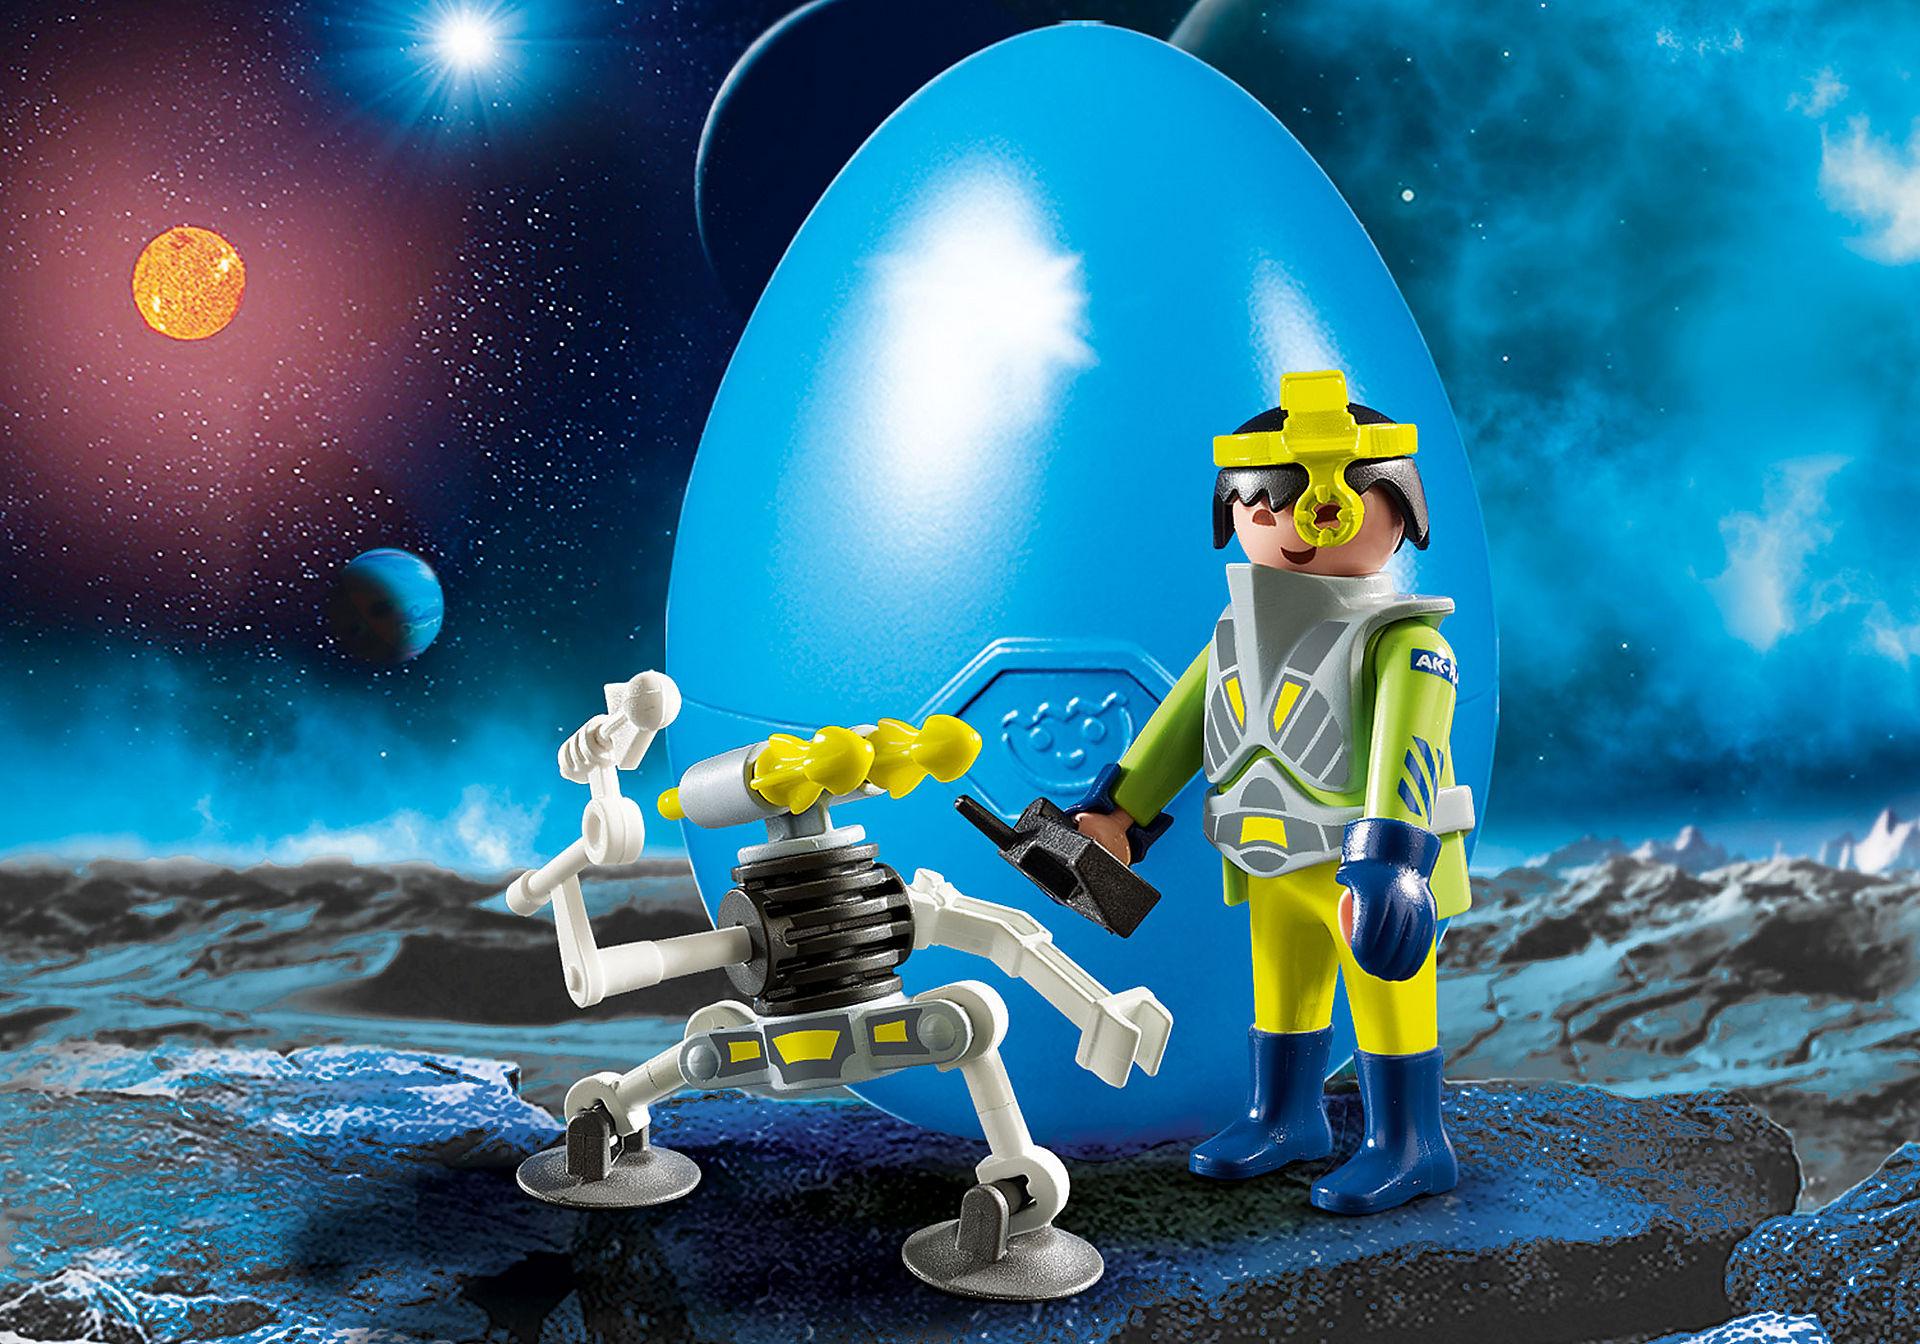 9416 Ruimte agent met robot zoom image1